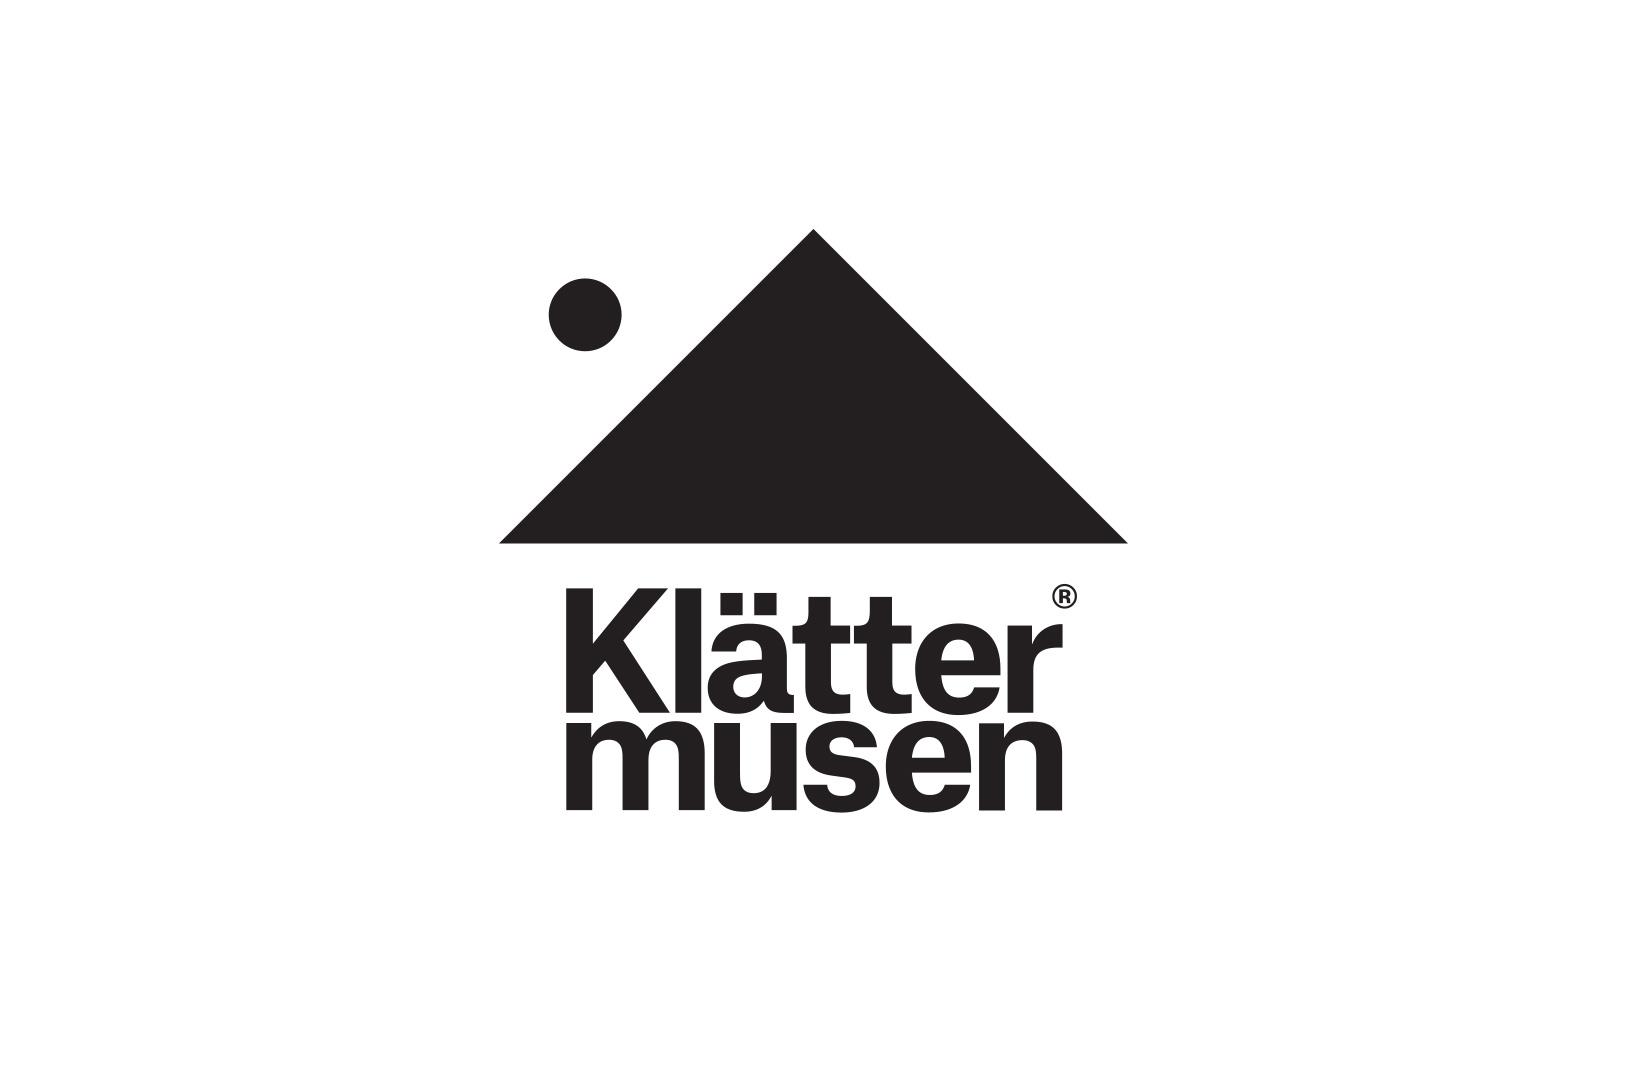 klattermusen_2322.jpg